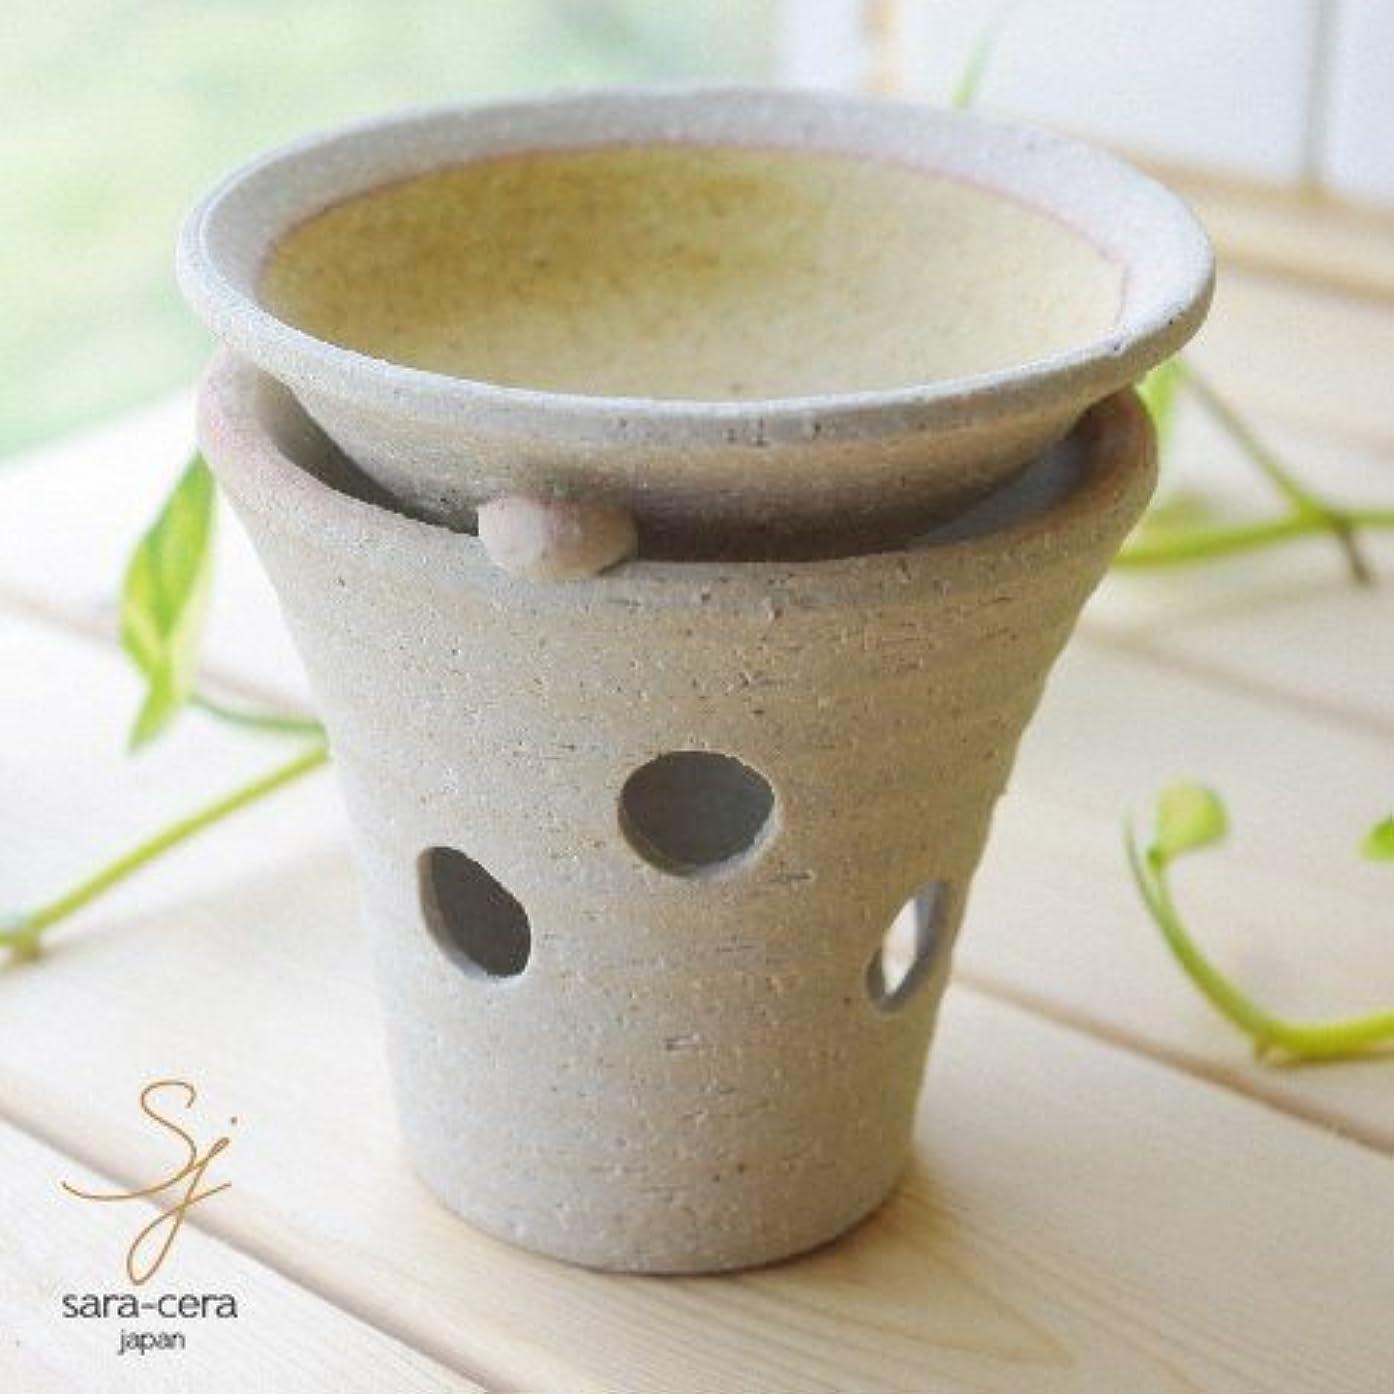 健康脚本家周り松助窯 手作り茶香炉セット 黄釉 イエロー アロマ 和食器 リビング